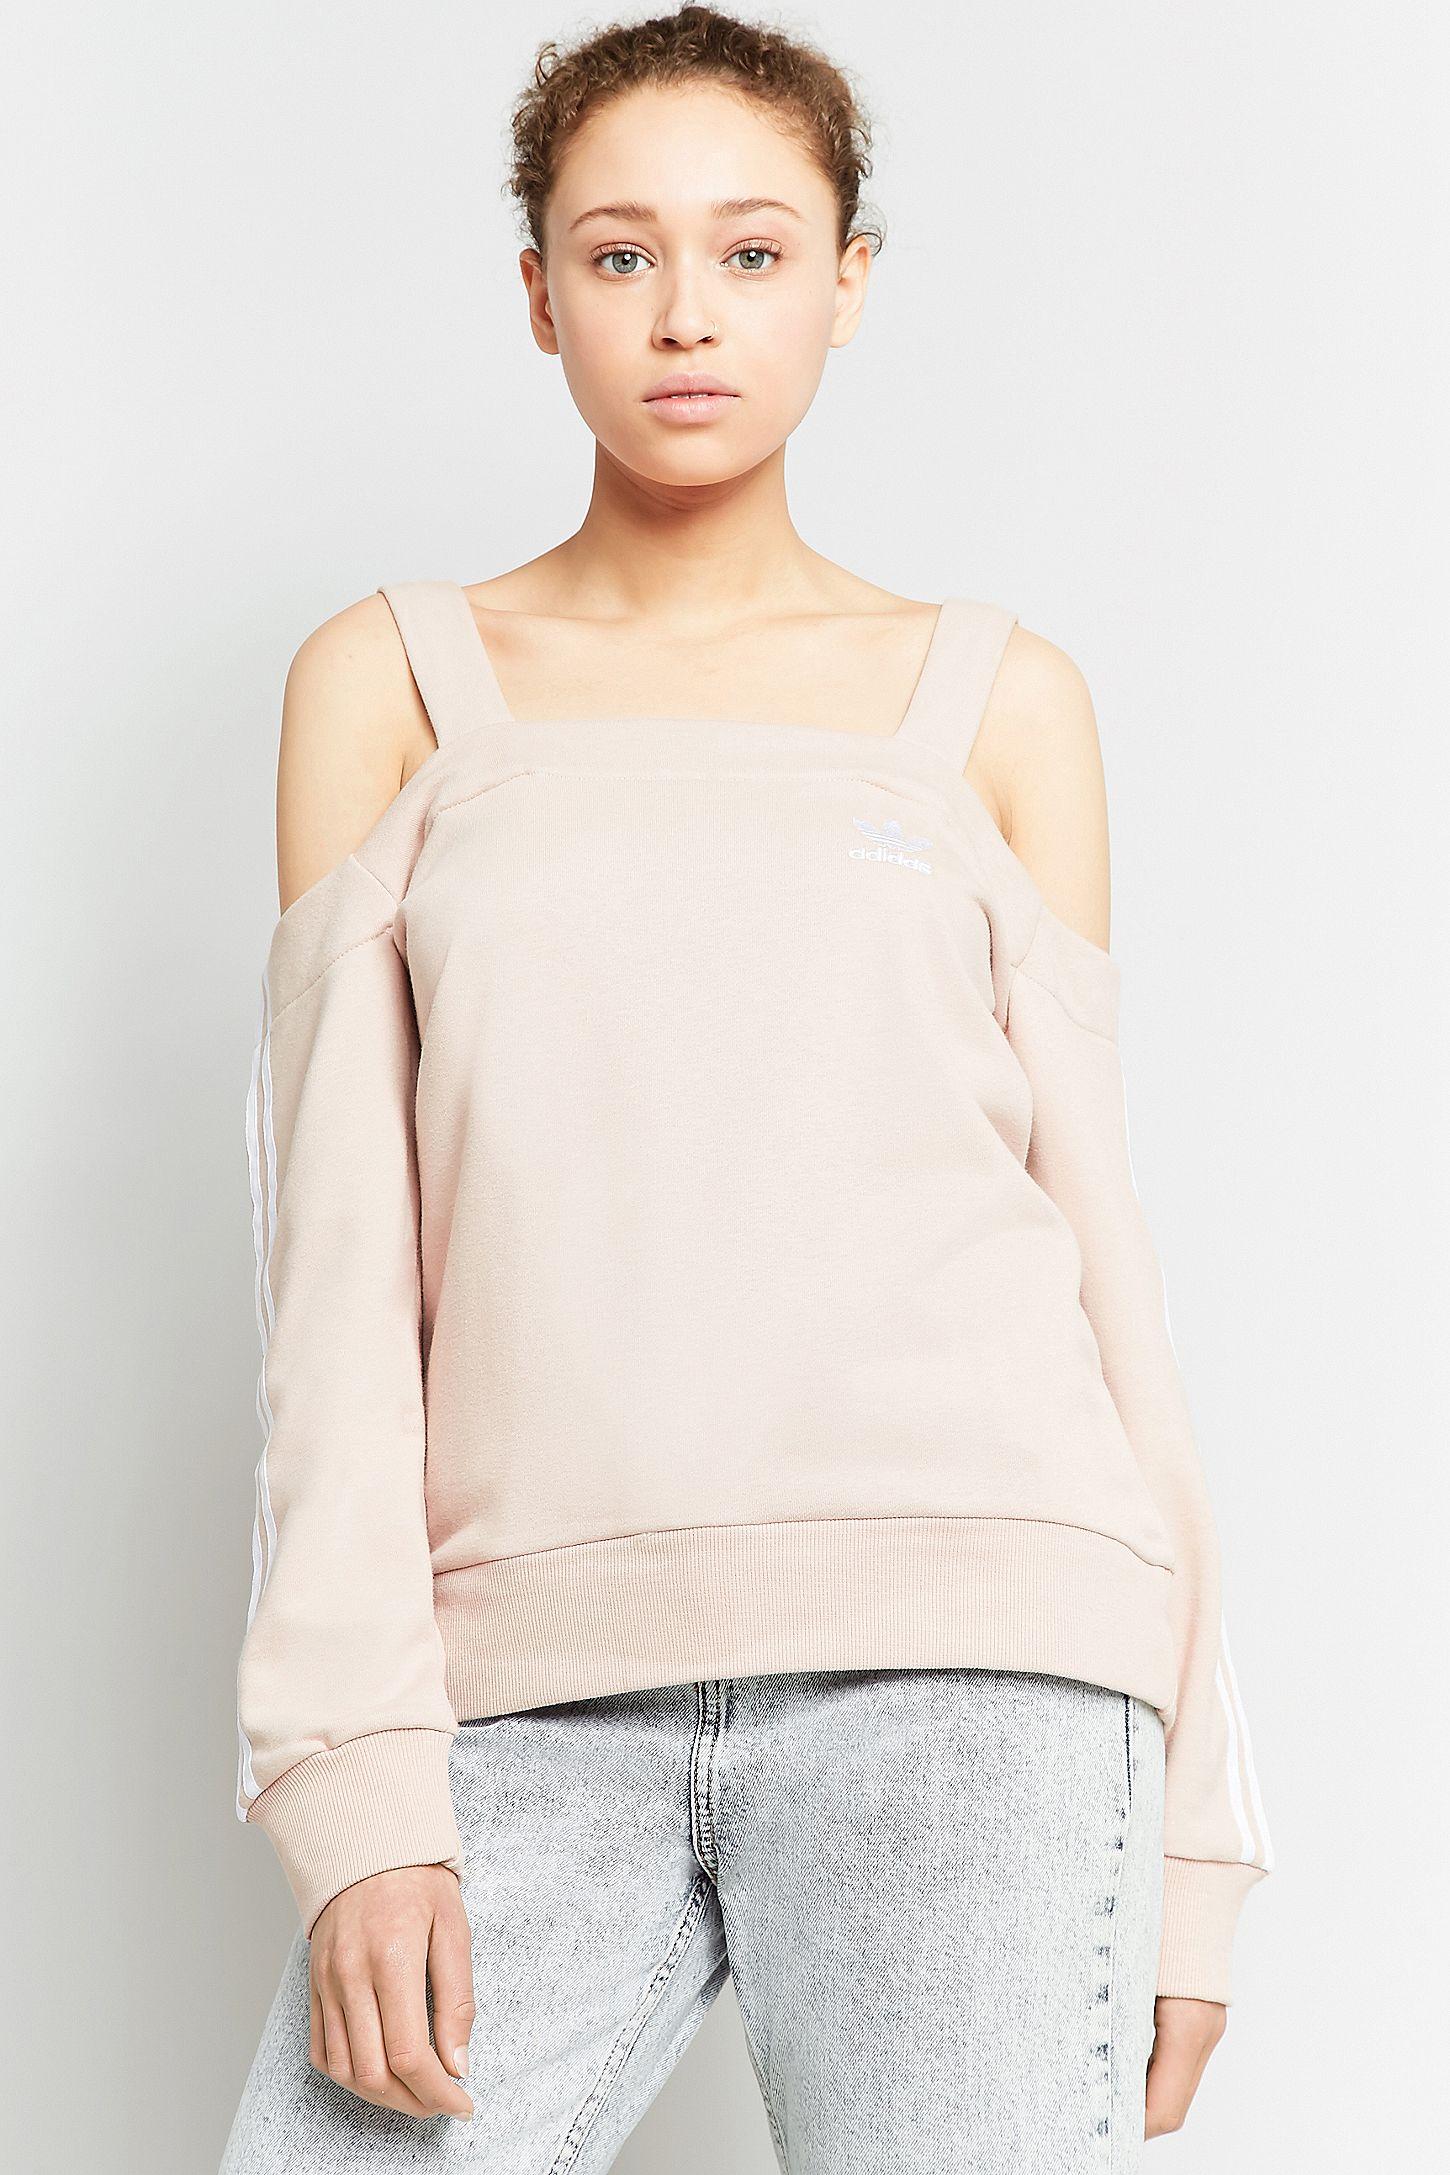 bb717038e4048 adidas Originals Pink Cold Shoulder Sweatshirt